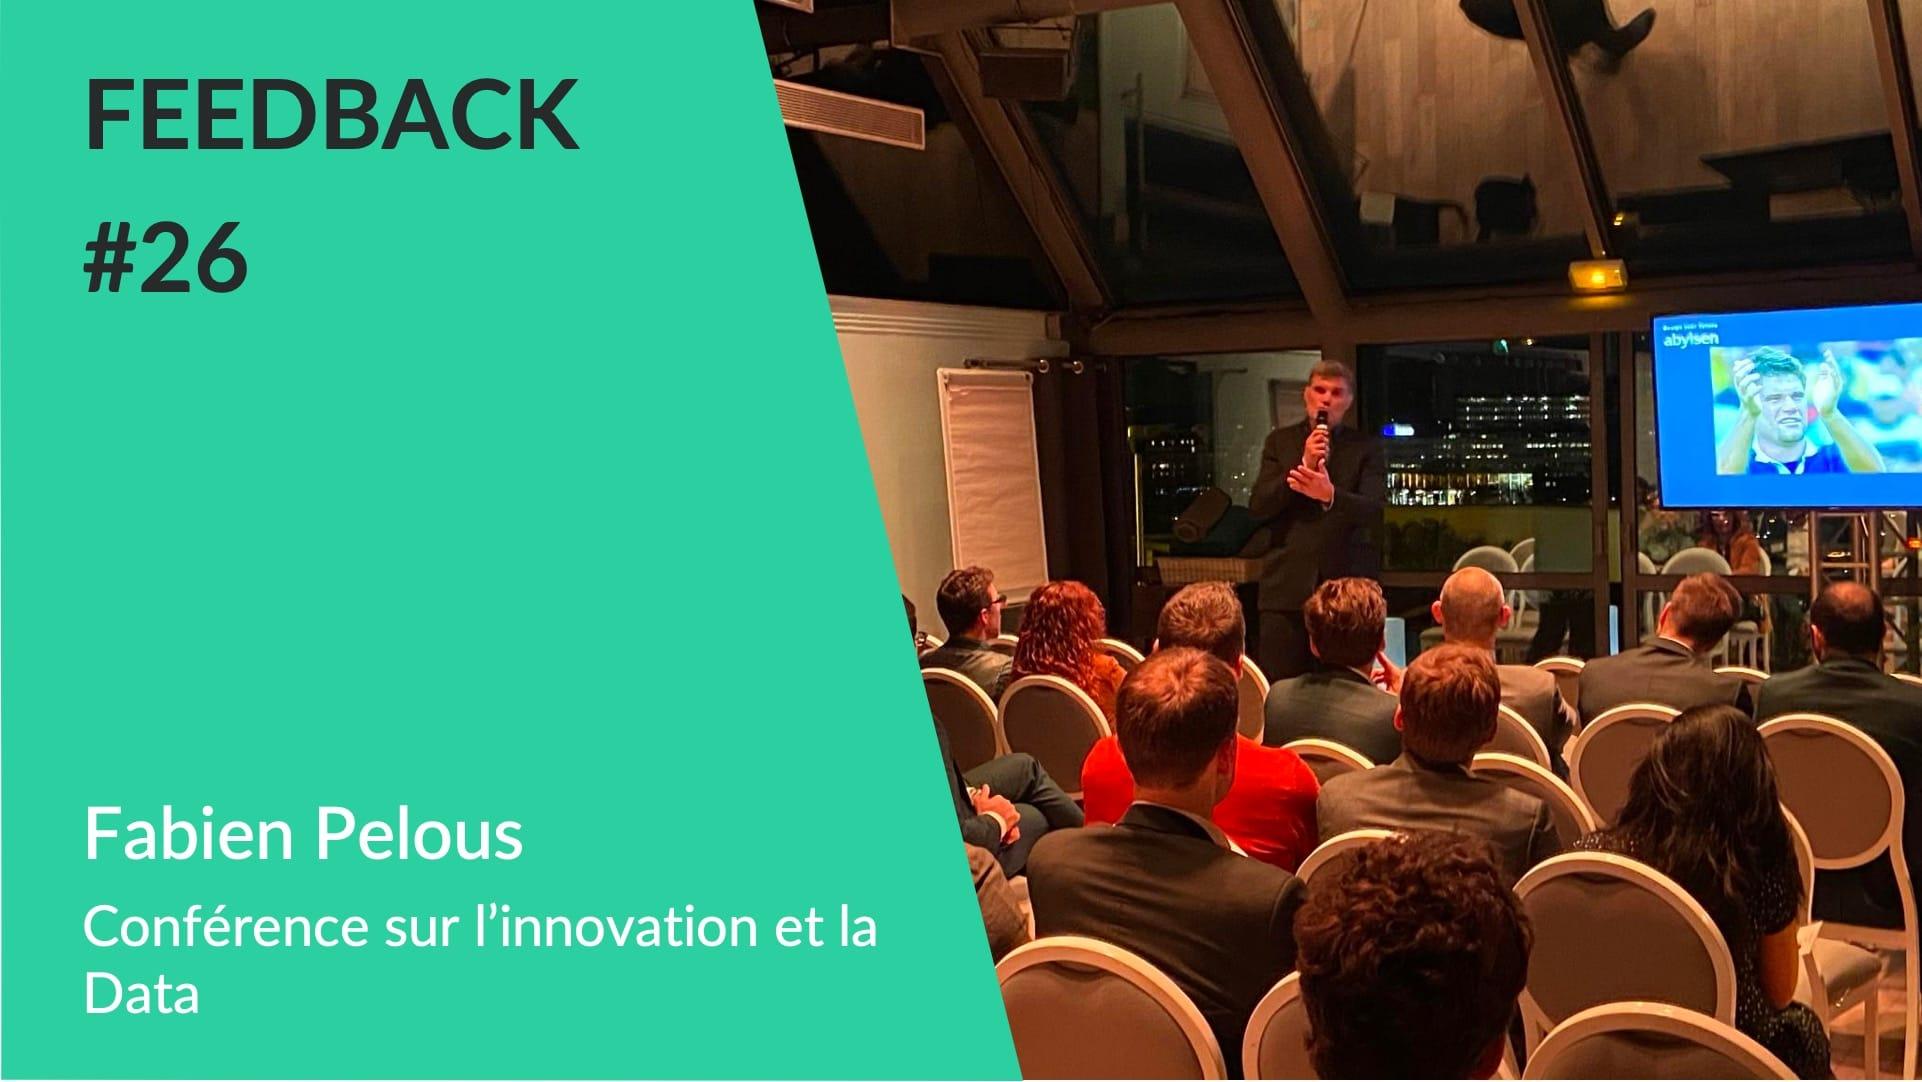 Fabien Pelous Conférence Innovation WeChamp